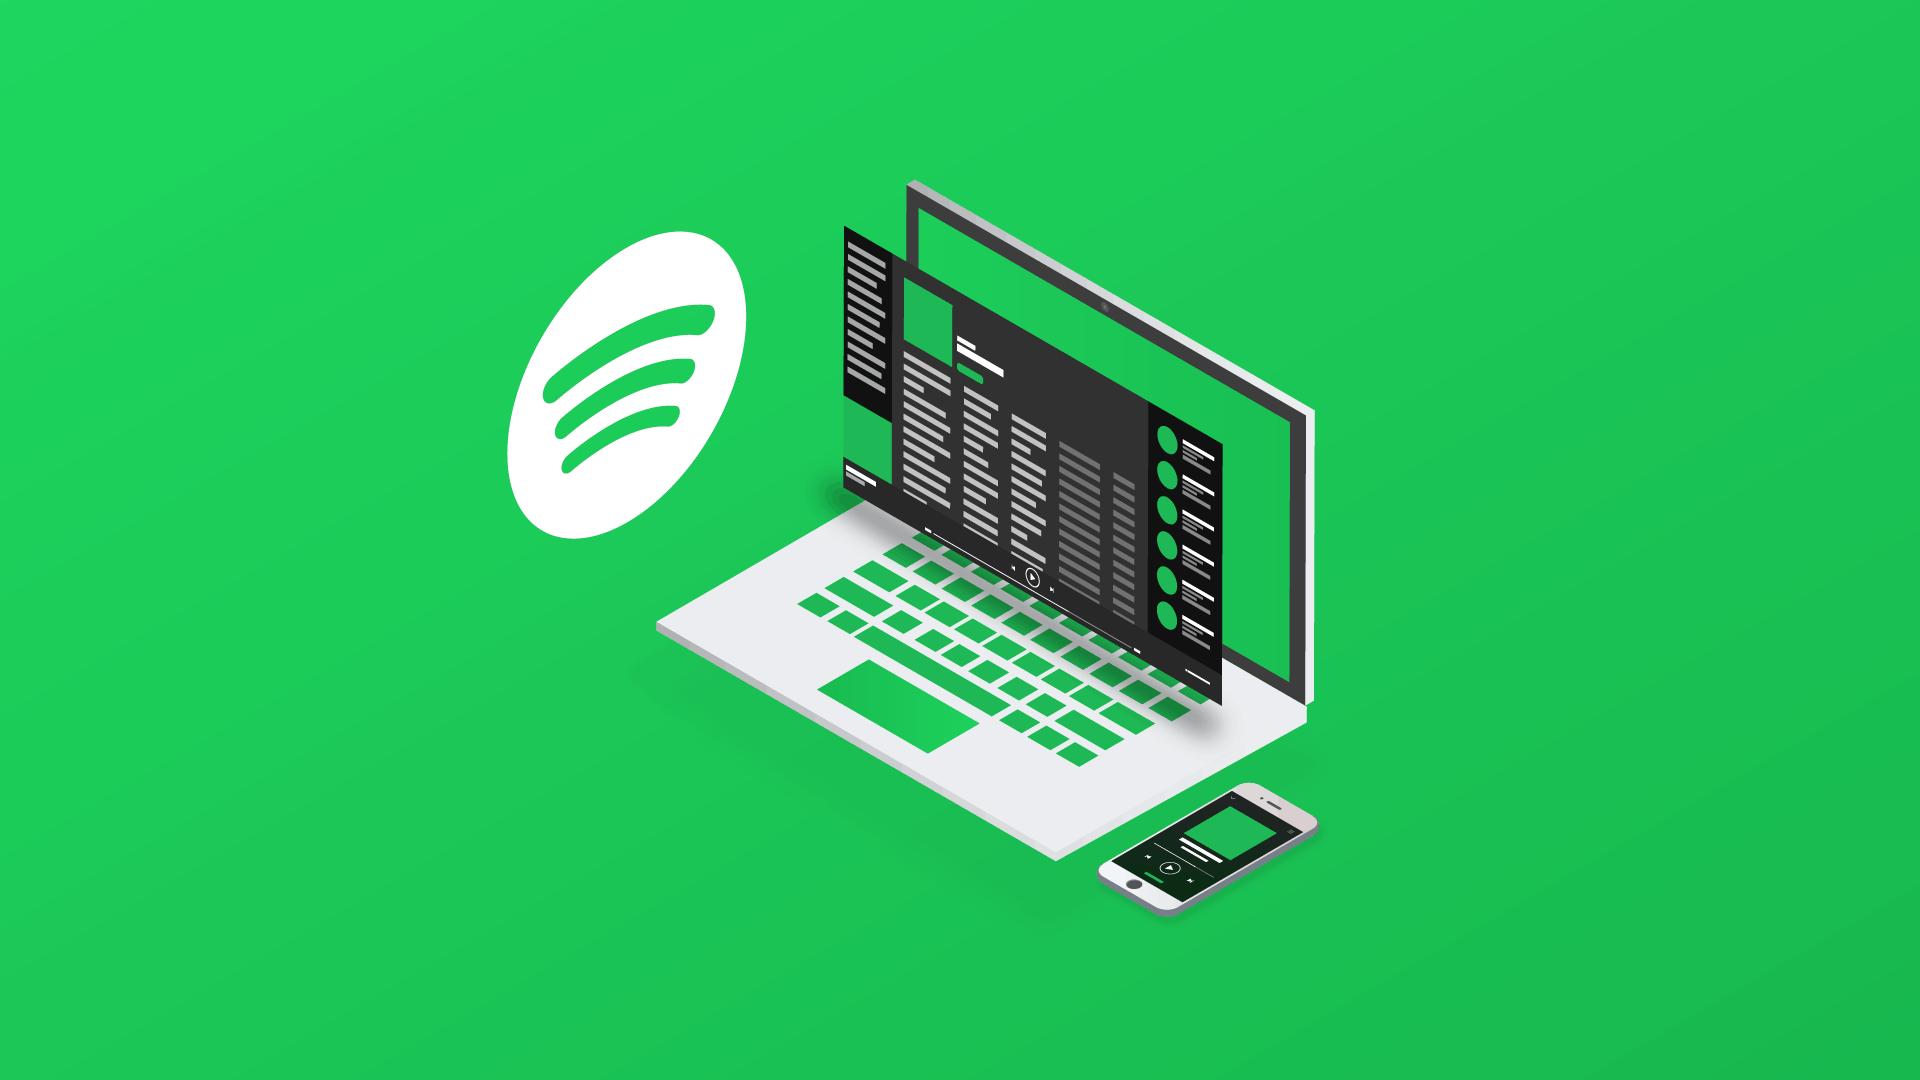 Comment contrôler Spotify depuis Visual Studio Code ?